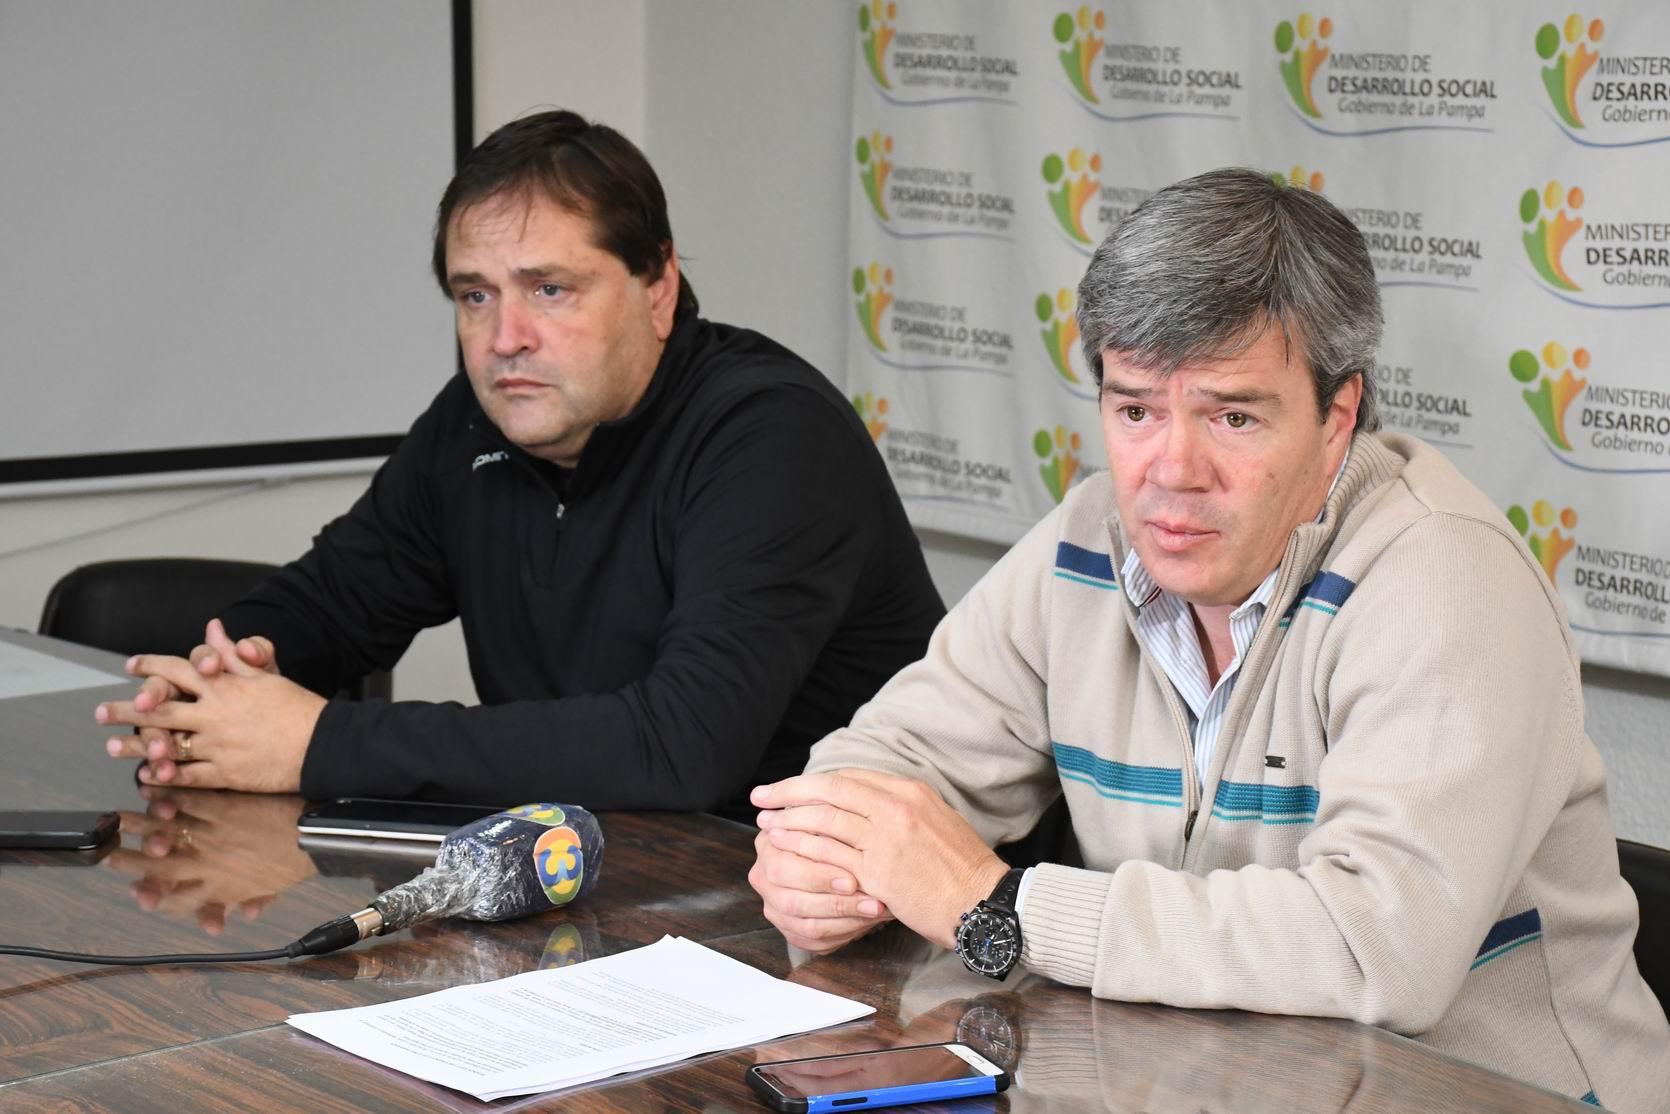 Provincia asiste con subsidios a los clubes pampeanos con importes que van de 50 a 150 mil pesos